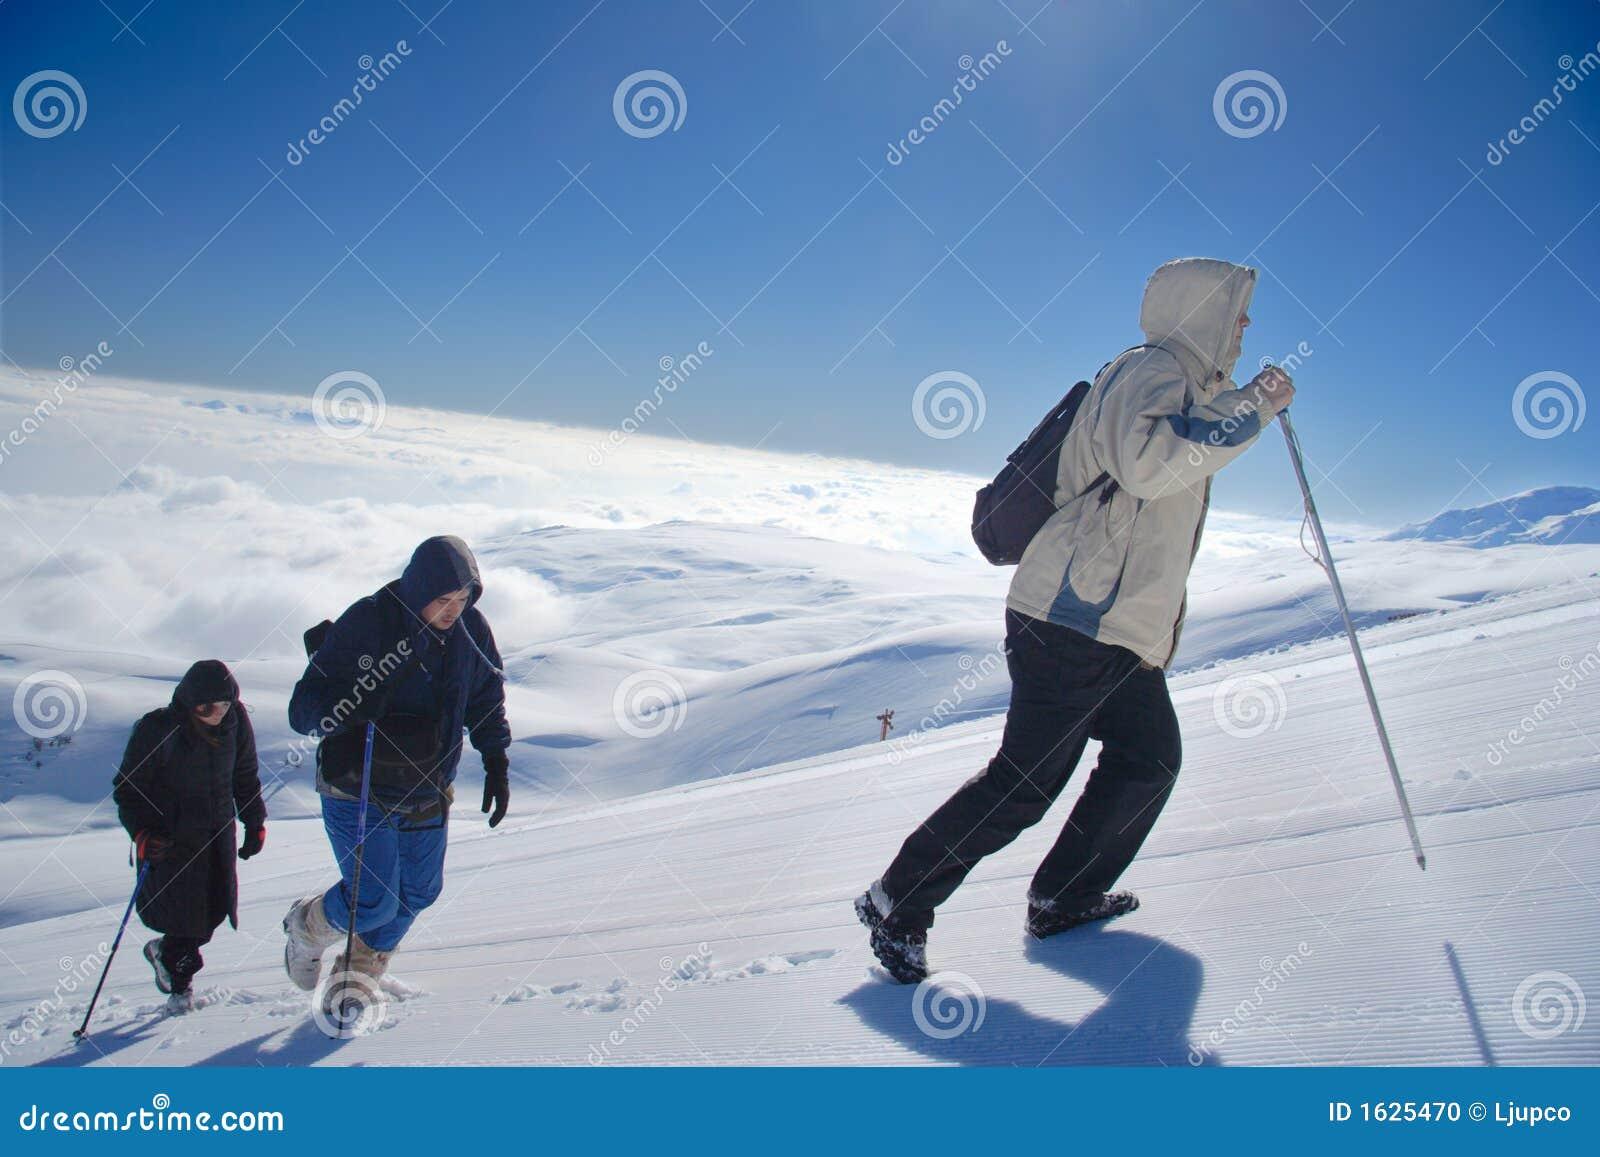 высокогорное взбираясь planina sar mt экспедиции